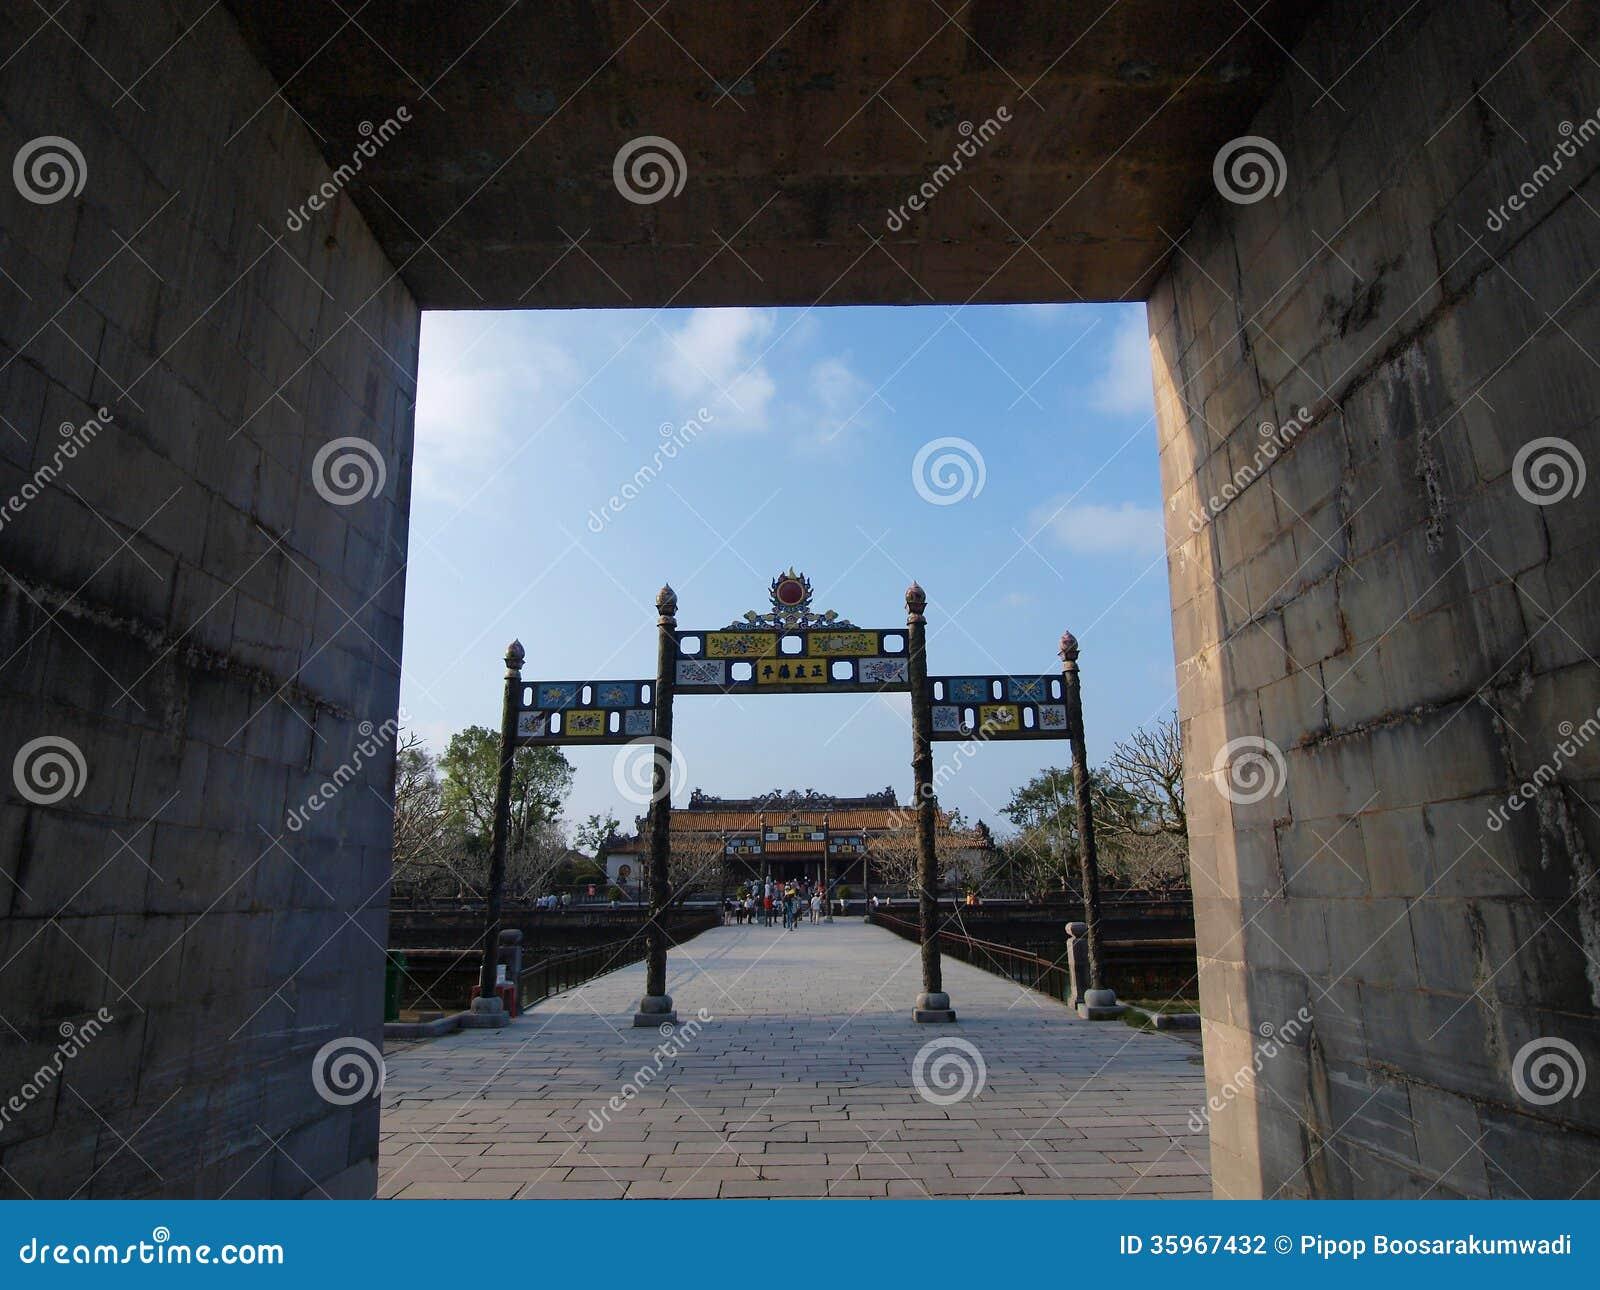 Hue Imperial City (la ciudadela), tonalidad, Vietnam. Mundo Heri de la UNESCO